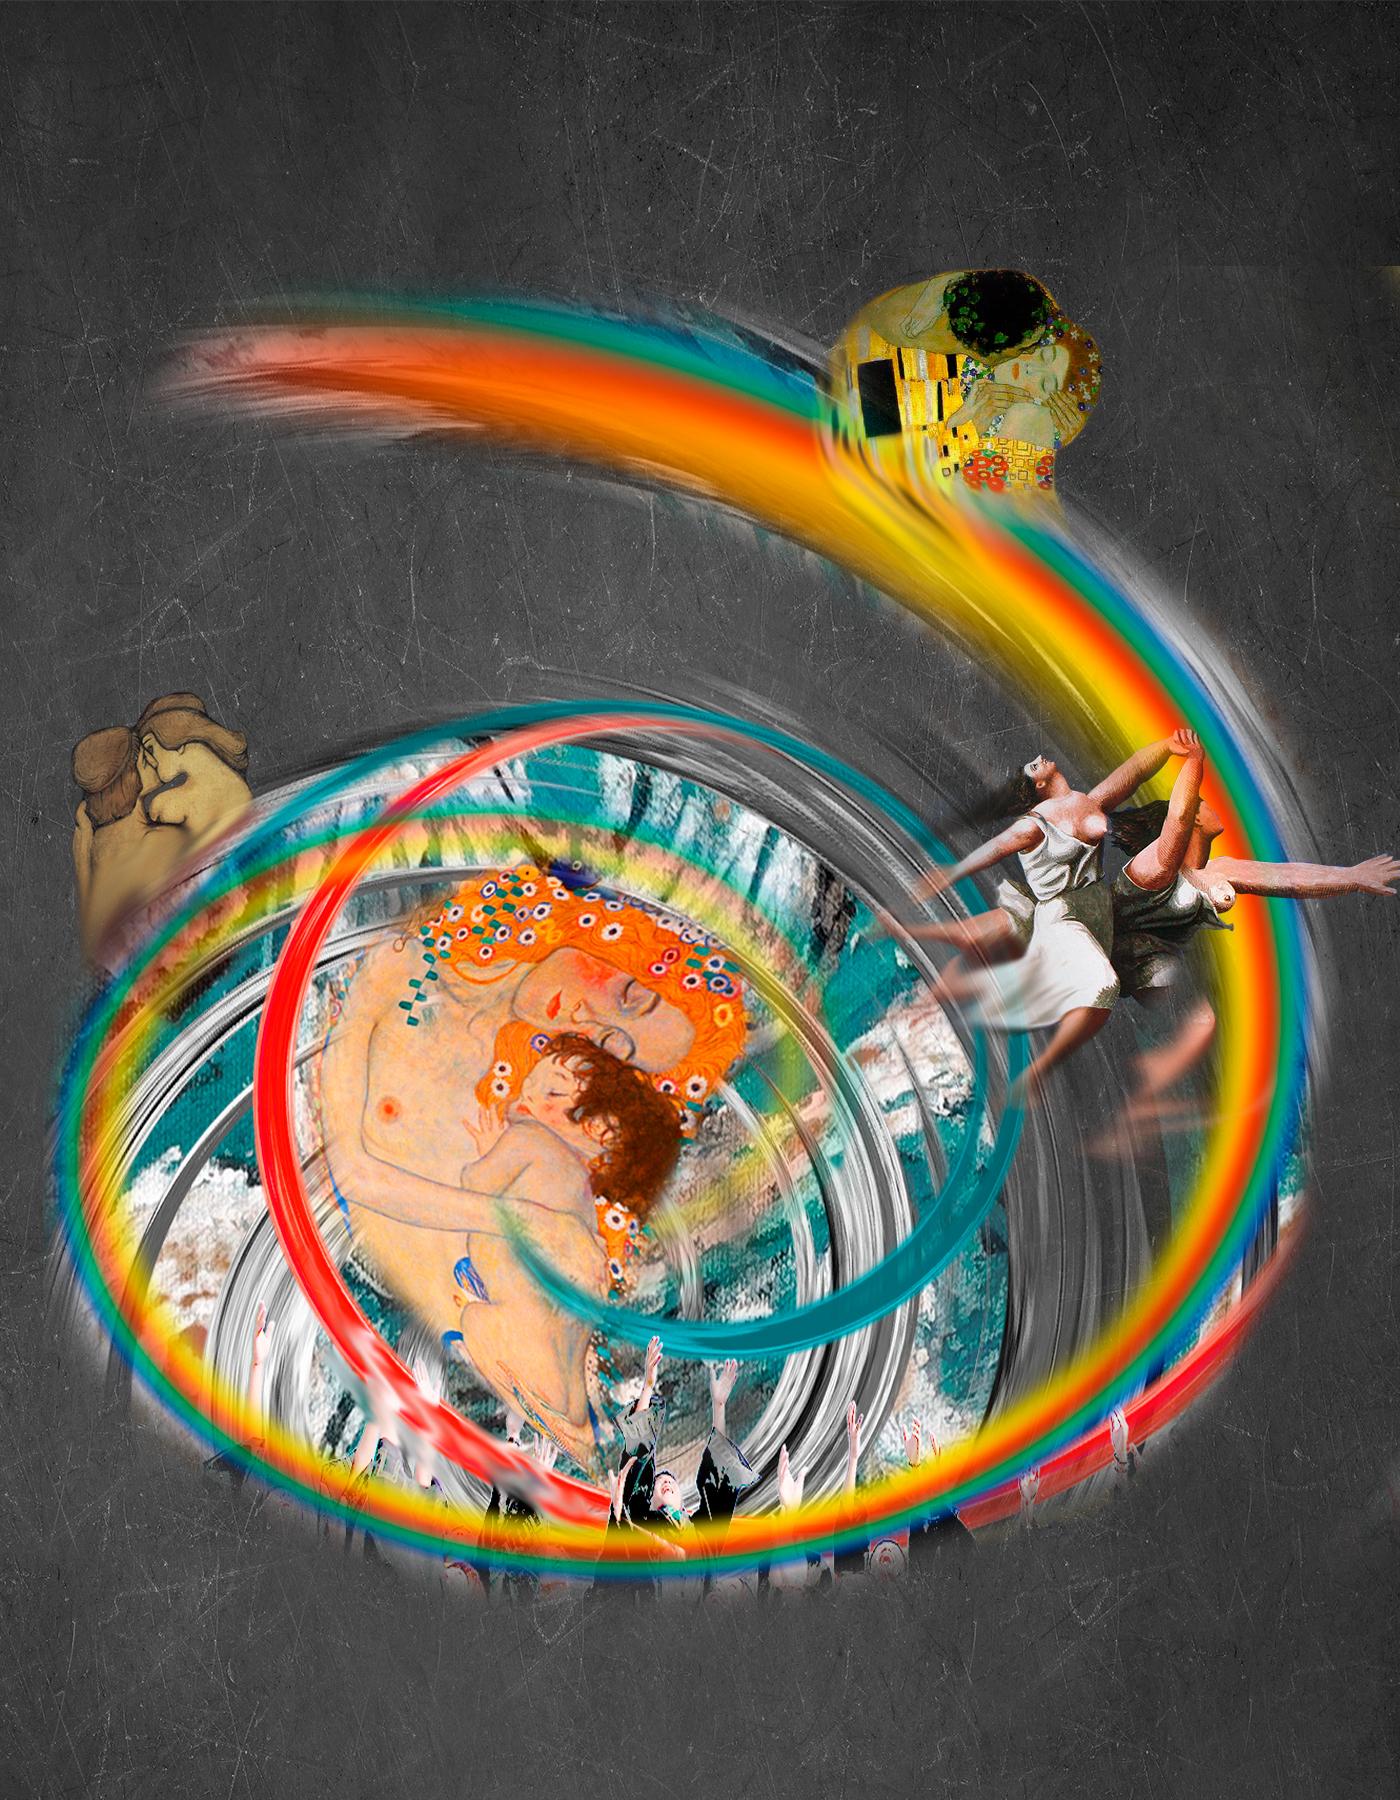 Torbellino Arco Iris con abrazos, besos, obras de arte como El Beso de Klimt, Maternidad de Klimt, Mujeres corriendo por la playa de Picasso. Loco Mundo Arte y Bohemia